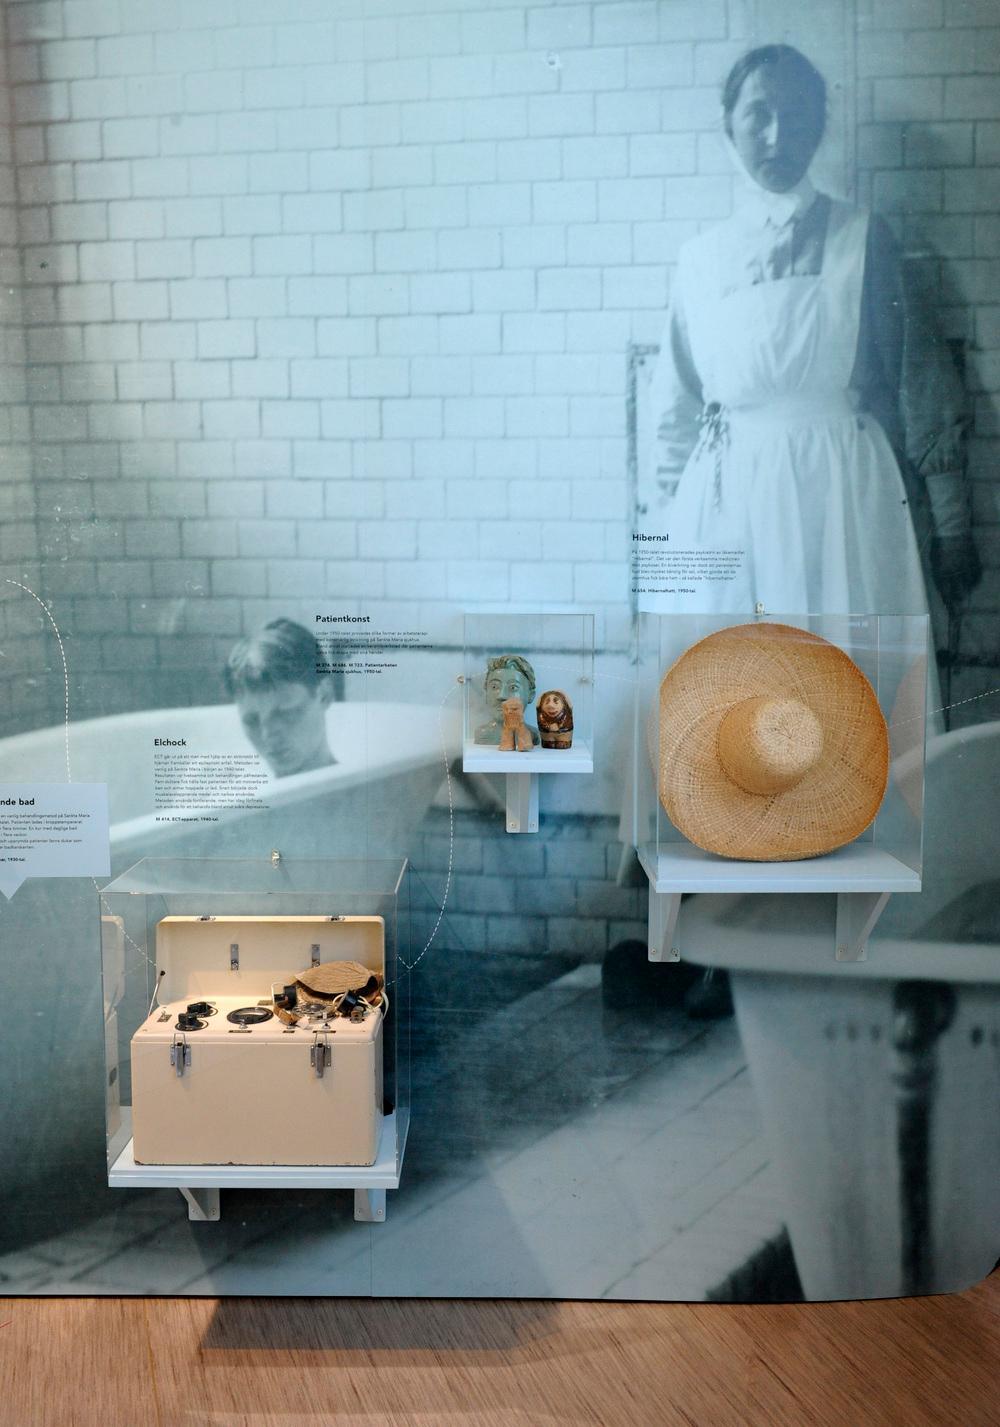 北京博物馆展览馆展厅在展览布置设计上的特点6